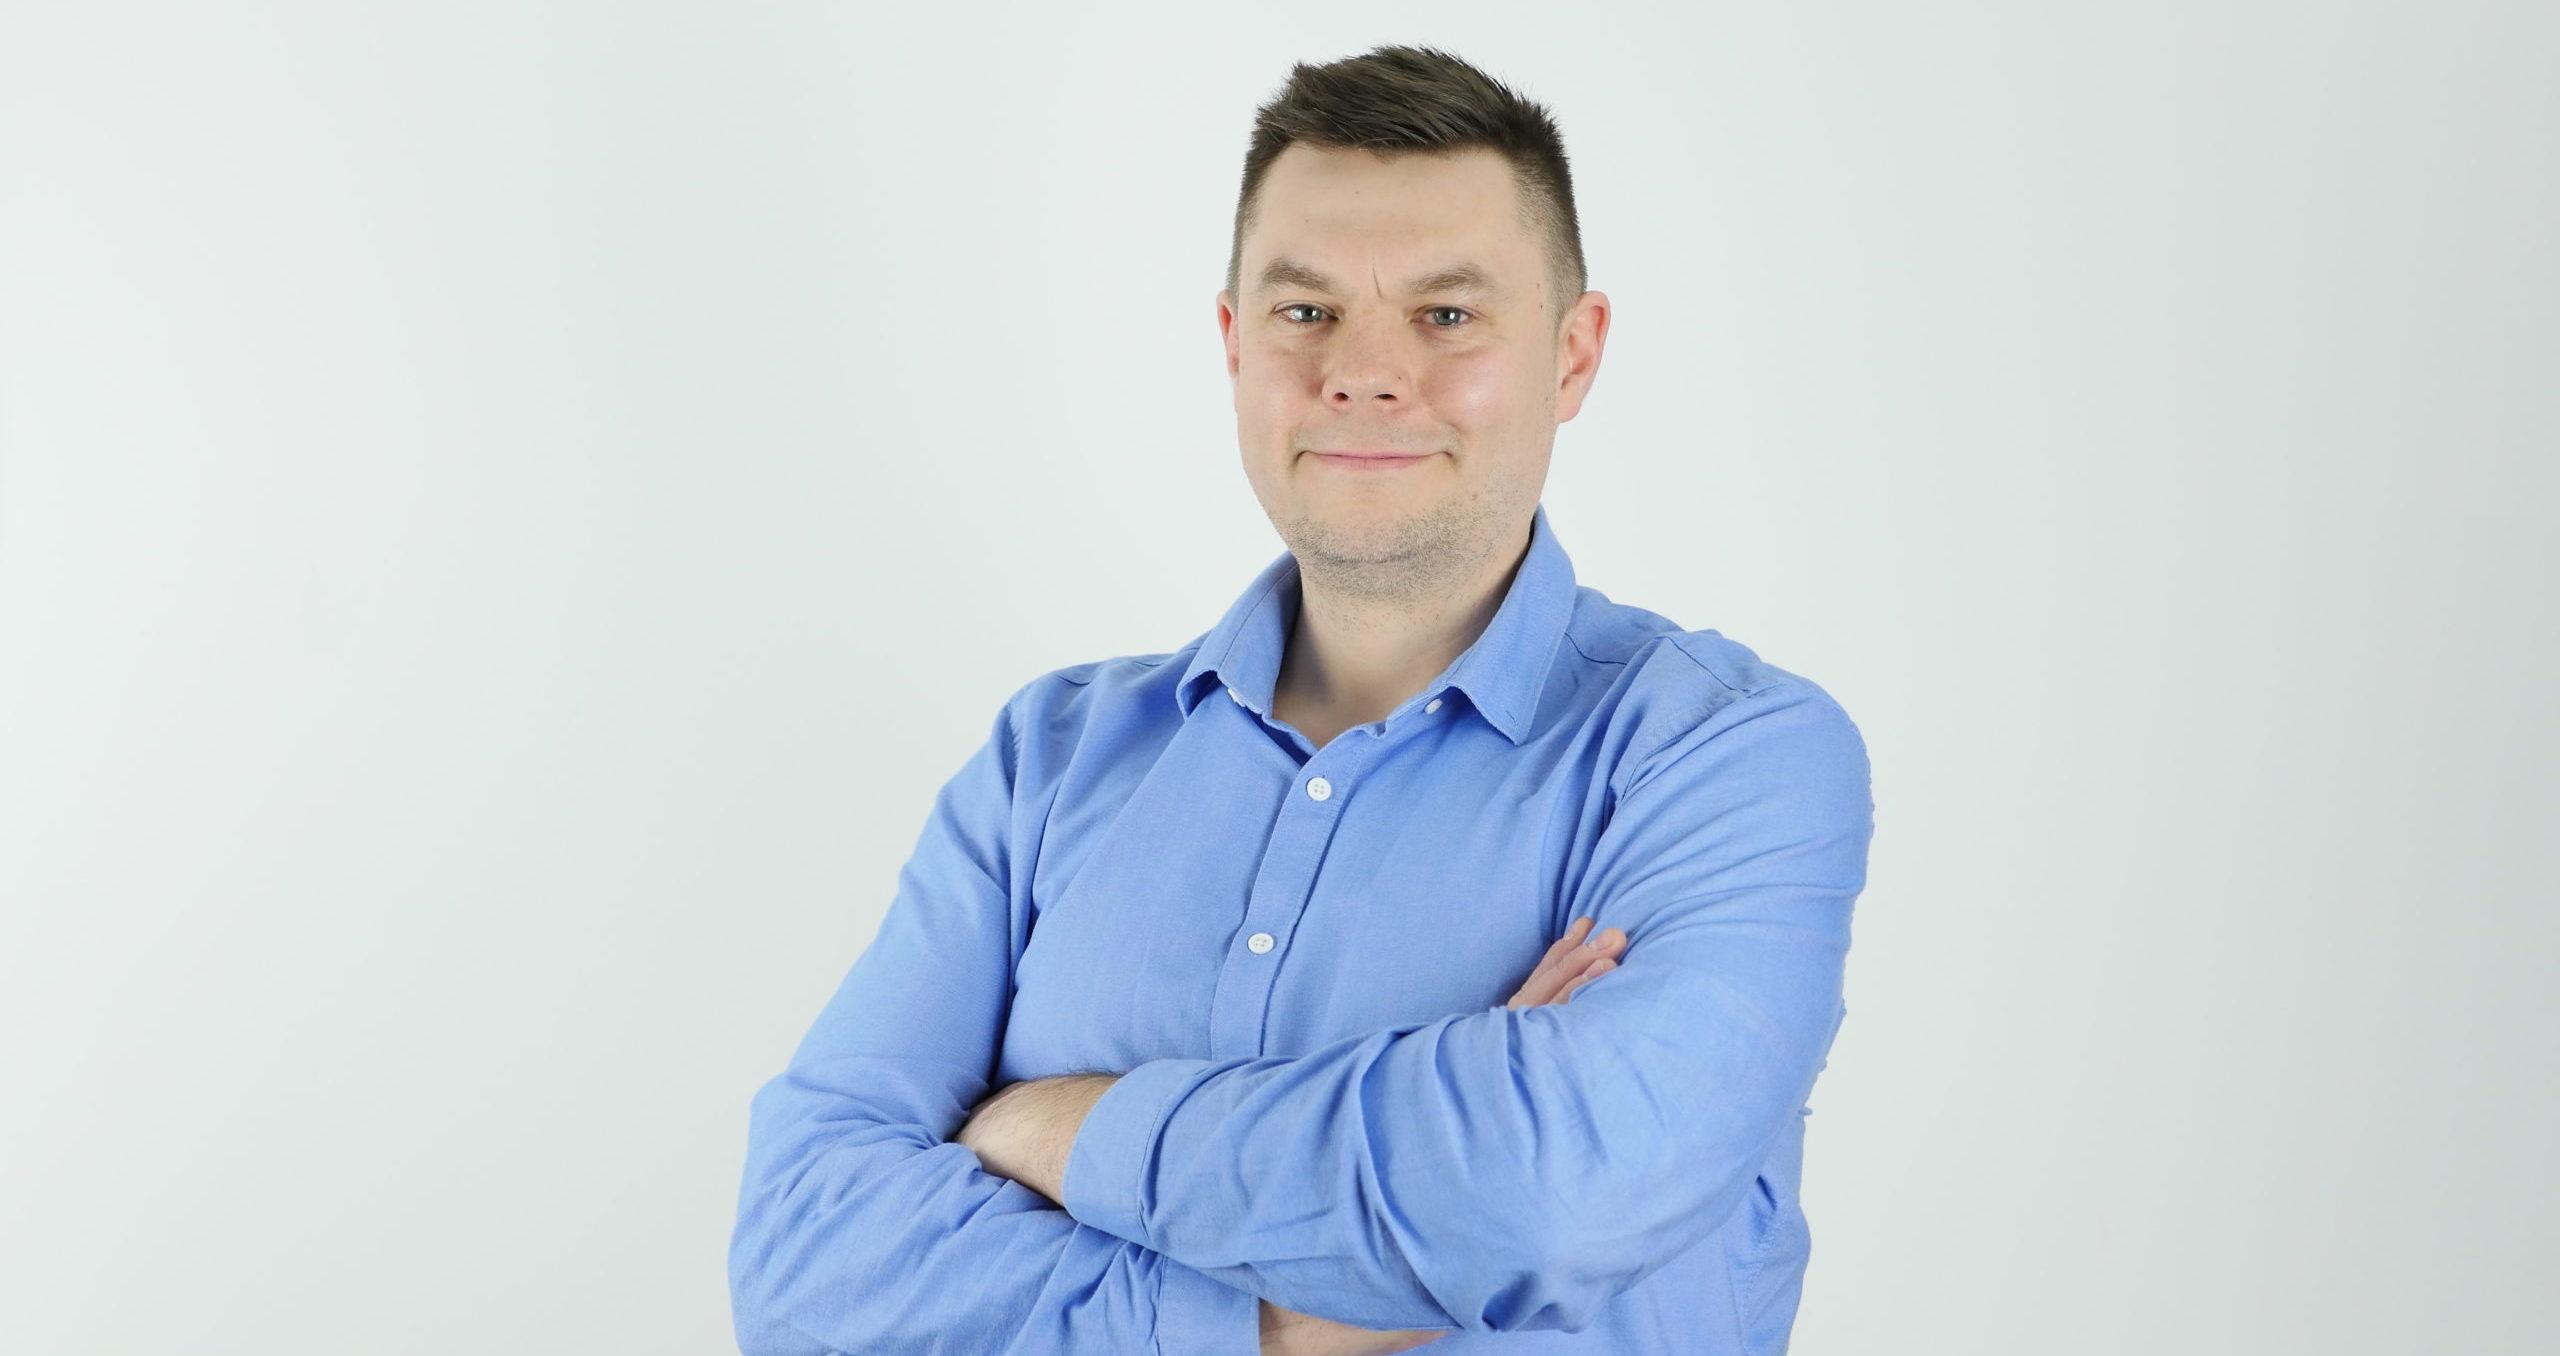 Konrad Adamczewski из 11 bit studios о включении игры This War of Mine в список рекомендованной студентам литературы, о самых продаваемых играх 11 bit studios и польском геймдеве